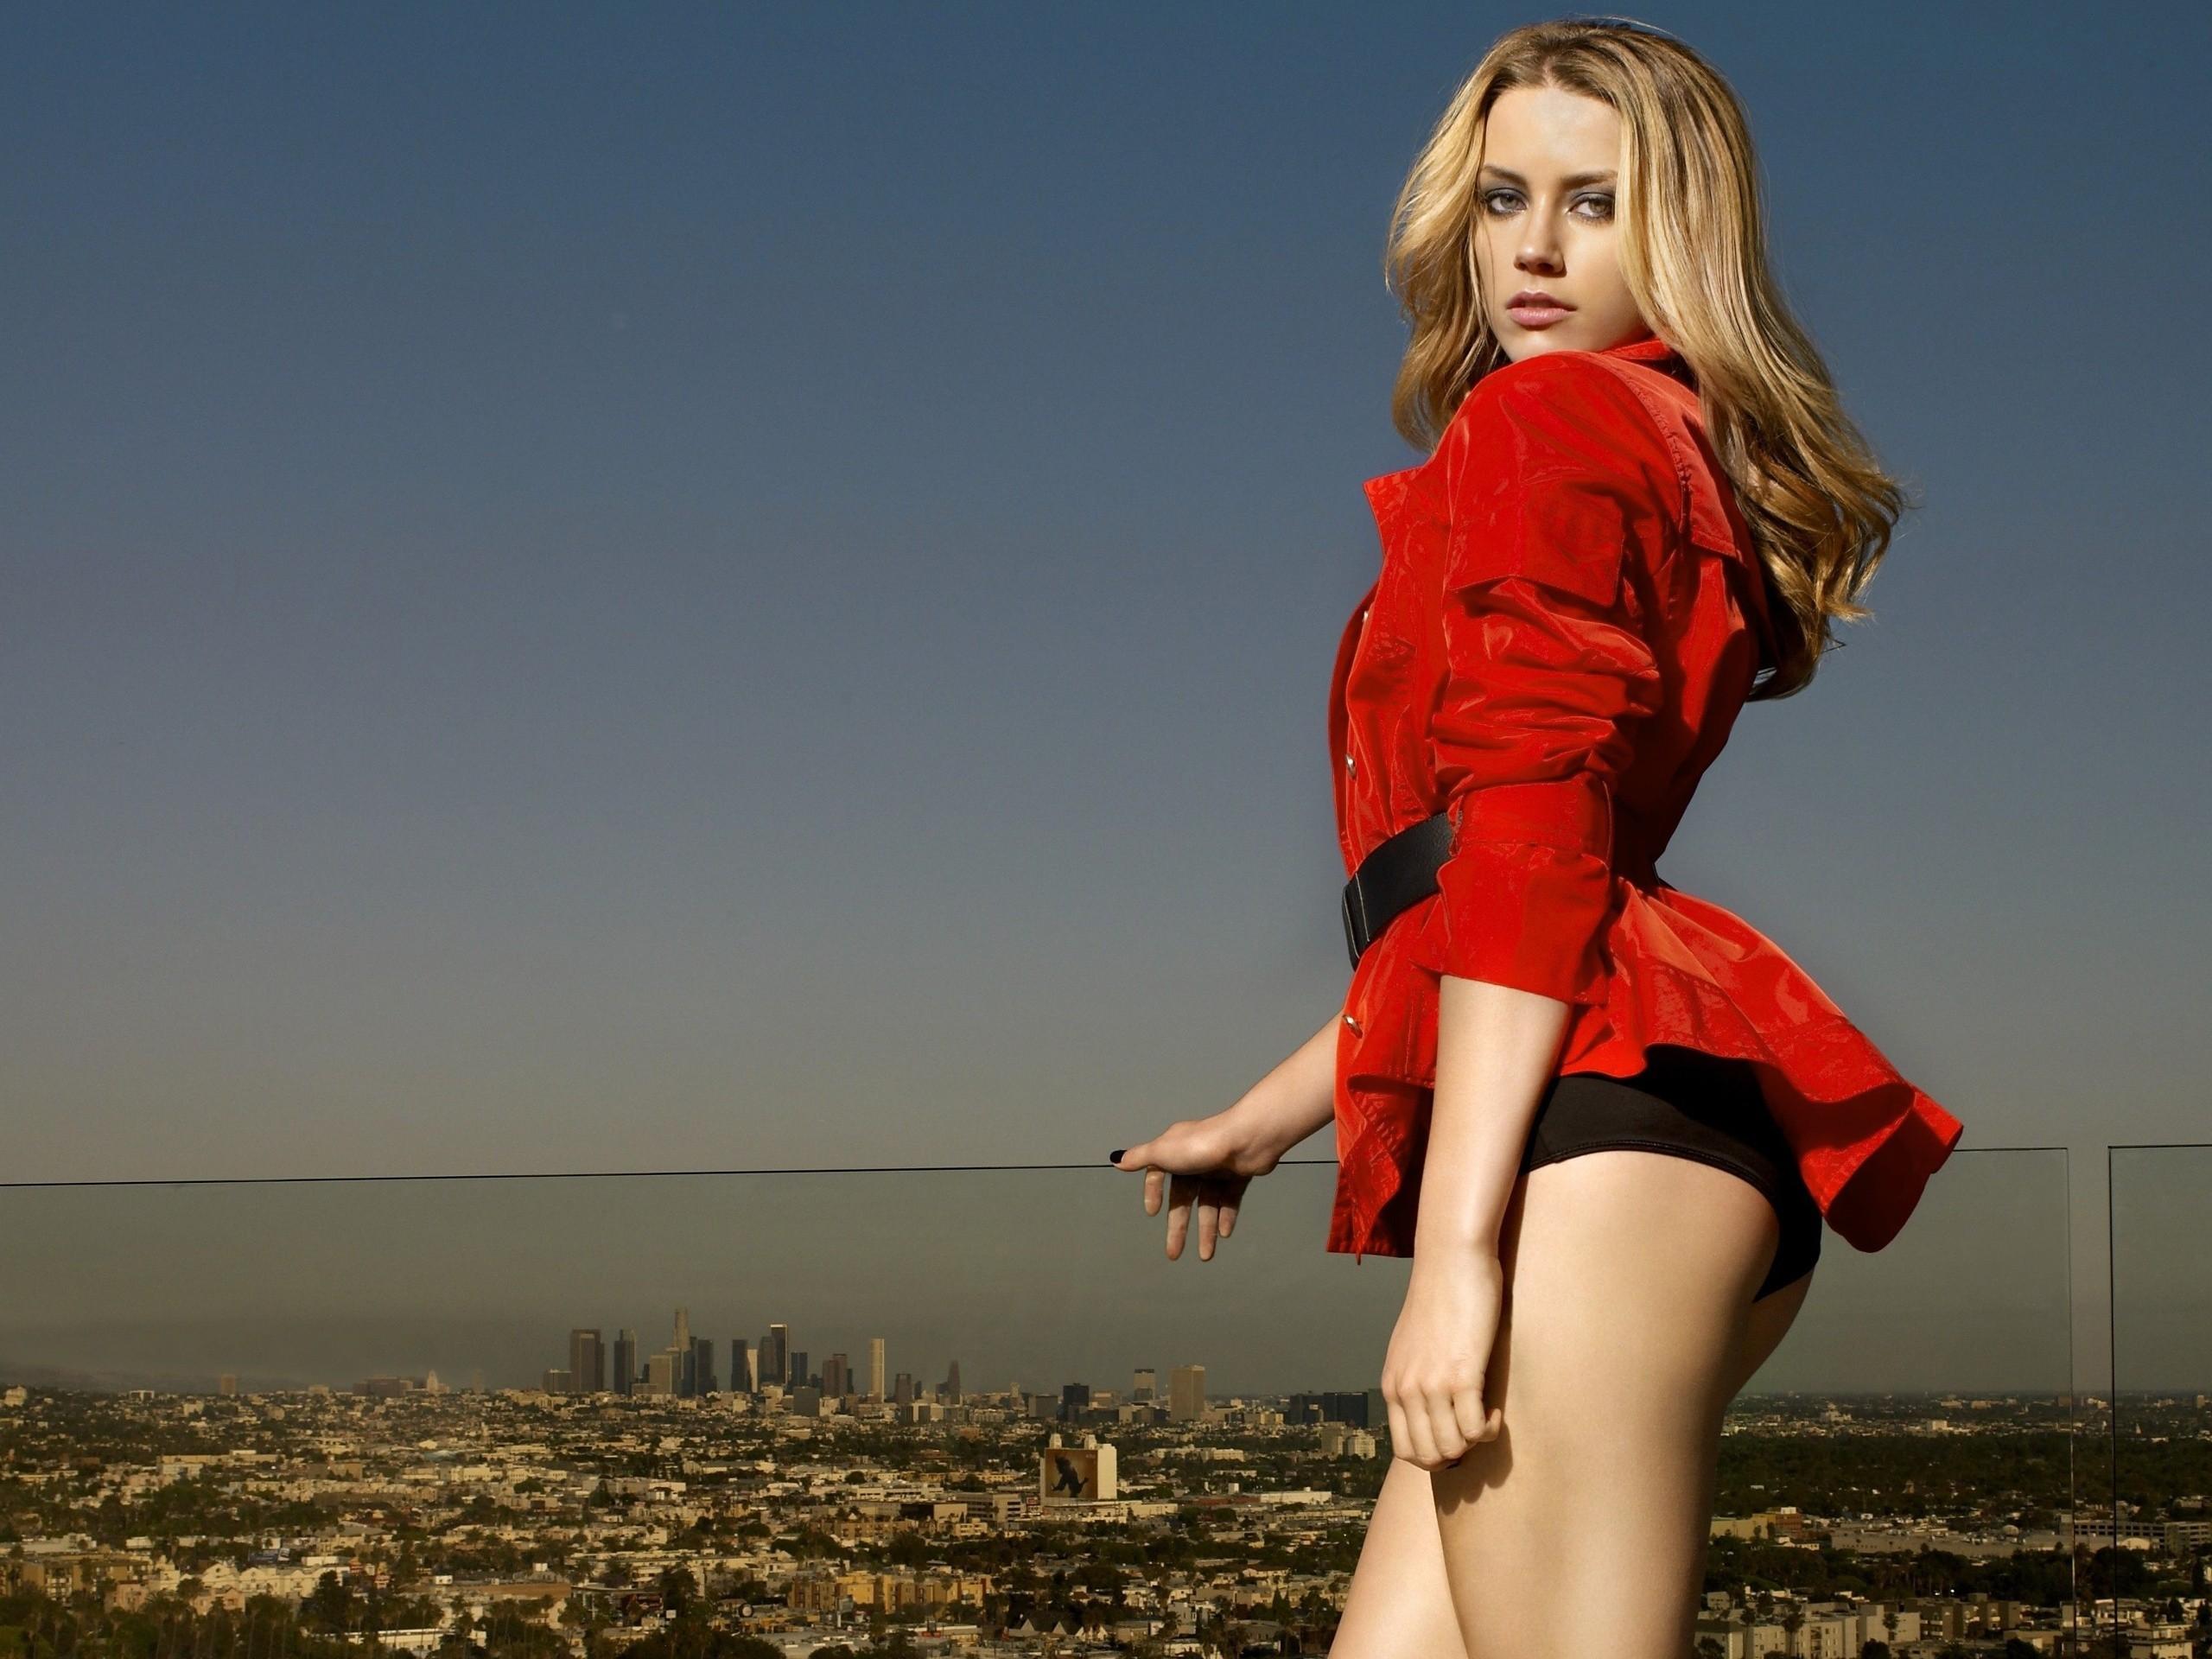 wallpaper : women, model, blonde, cityscape, long hair, ass, looking